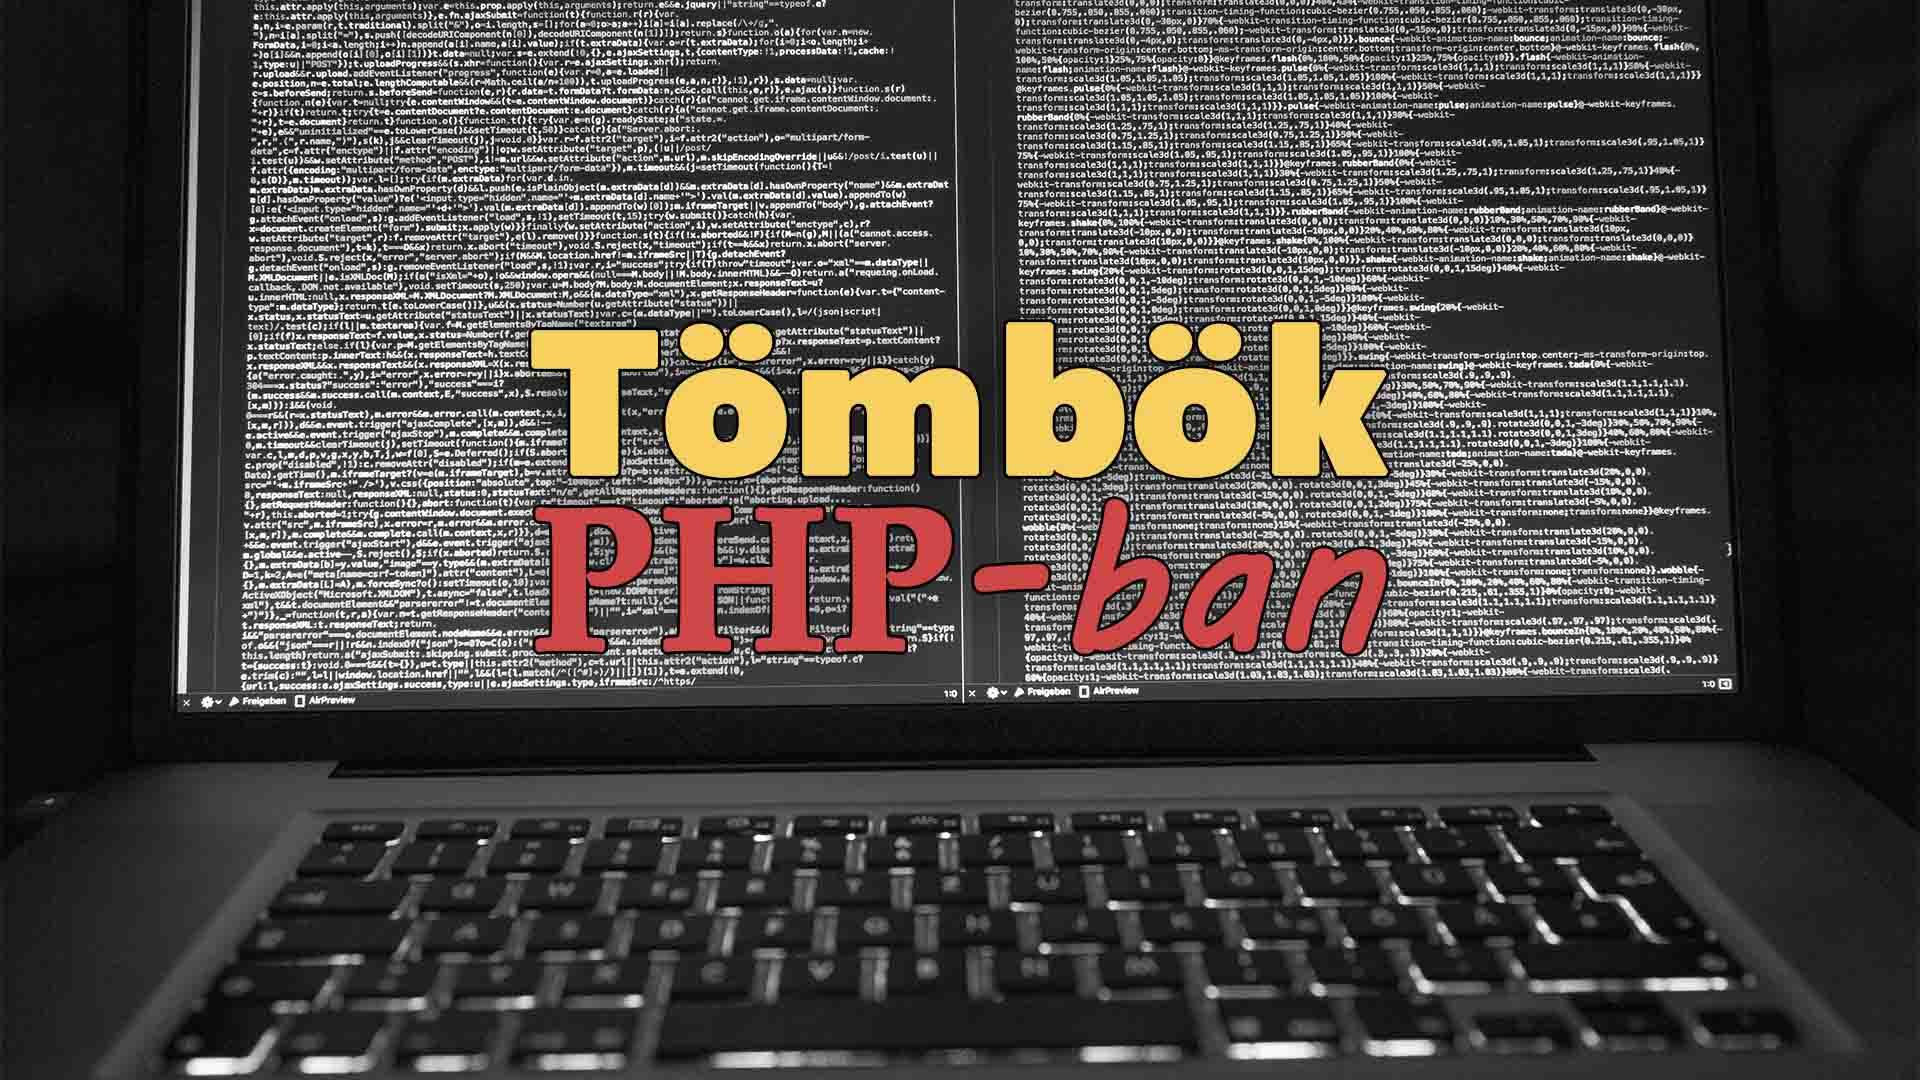 Műveletek tömbökkel a PHP-ban (Tömb létrehozása, elemek hozzáadása, felülírása, törlése, tömb hosszának megállapítása, elemeinek kiíratása) című cikk borítóképe